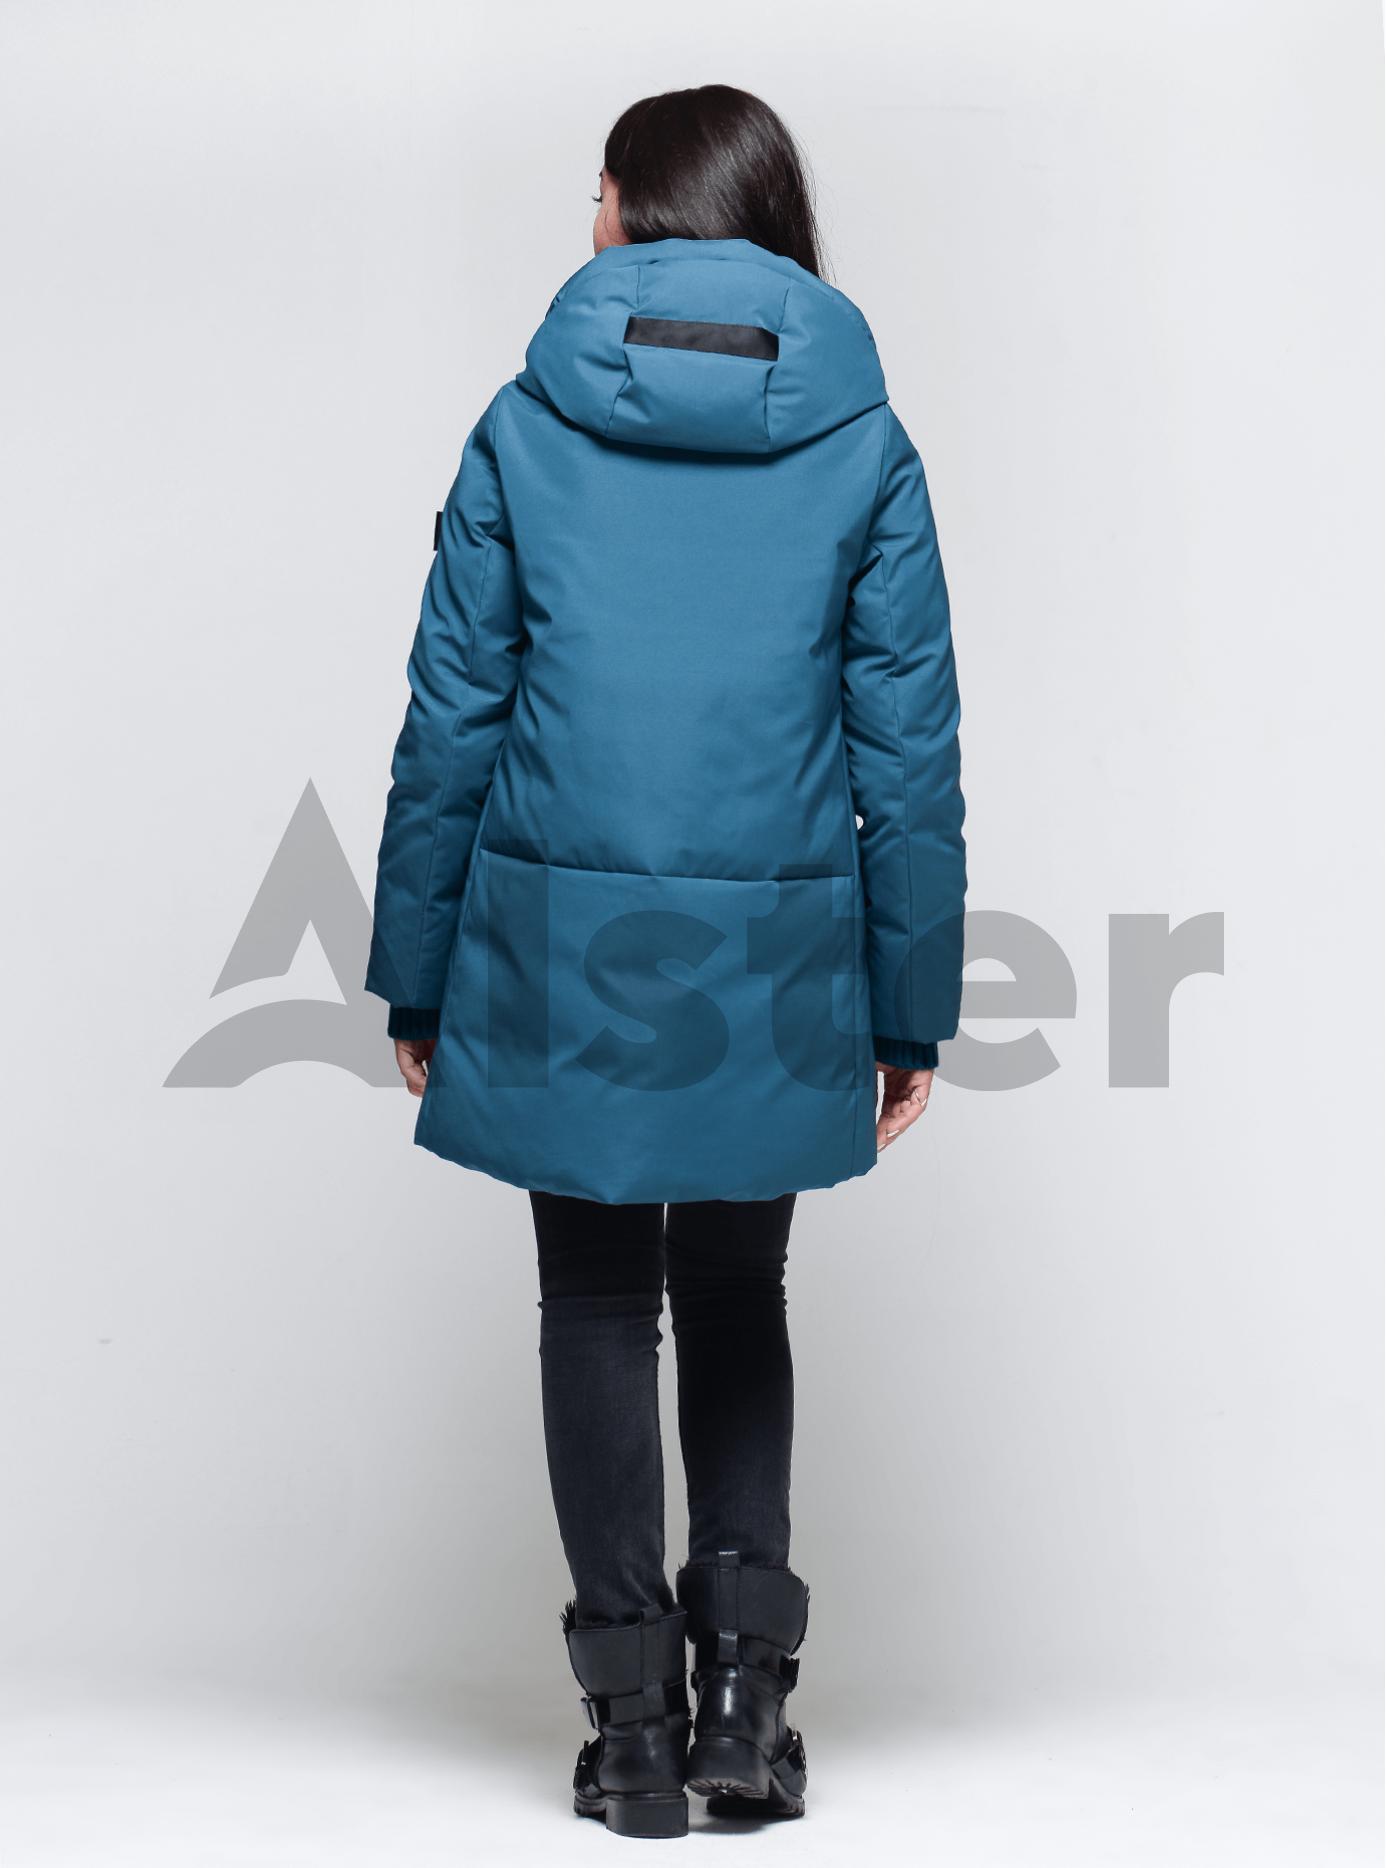 Пуховик женский с натуральным пухом Тёмно-голубой 2XL (02-4667): фото - Alster.ua